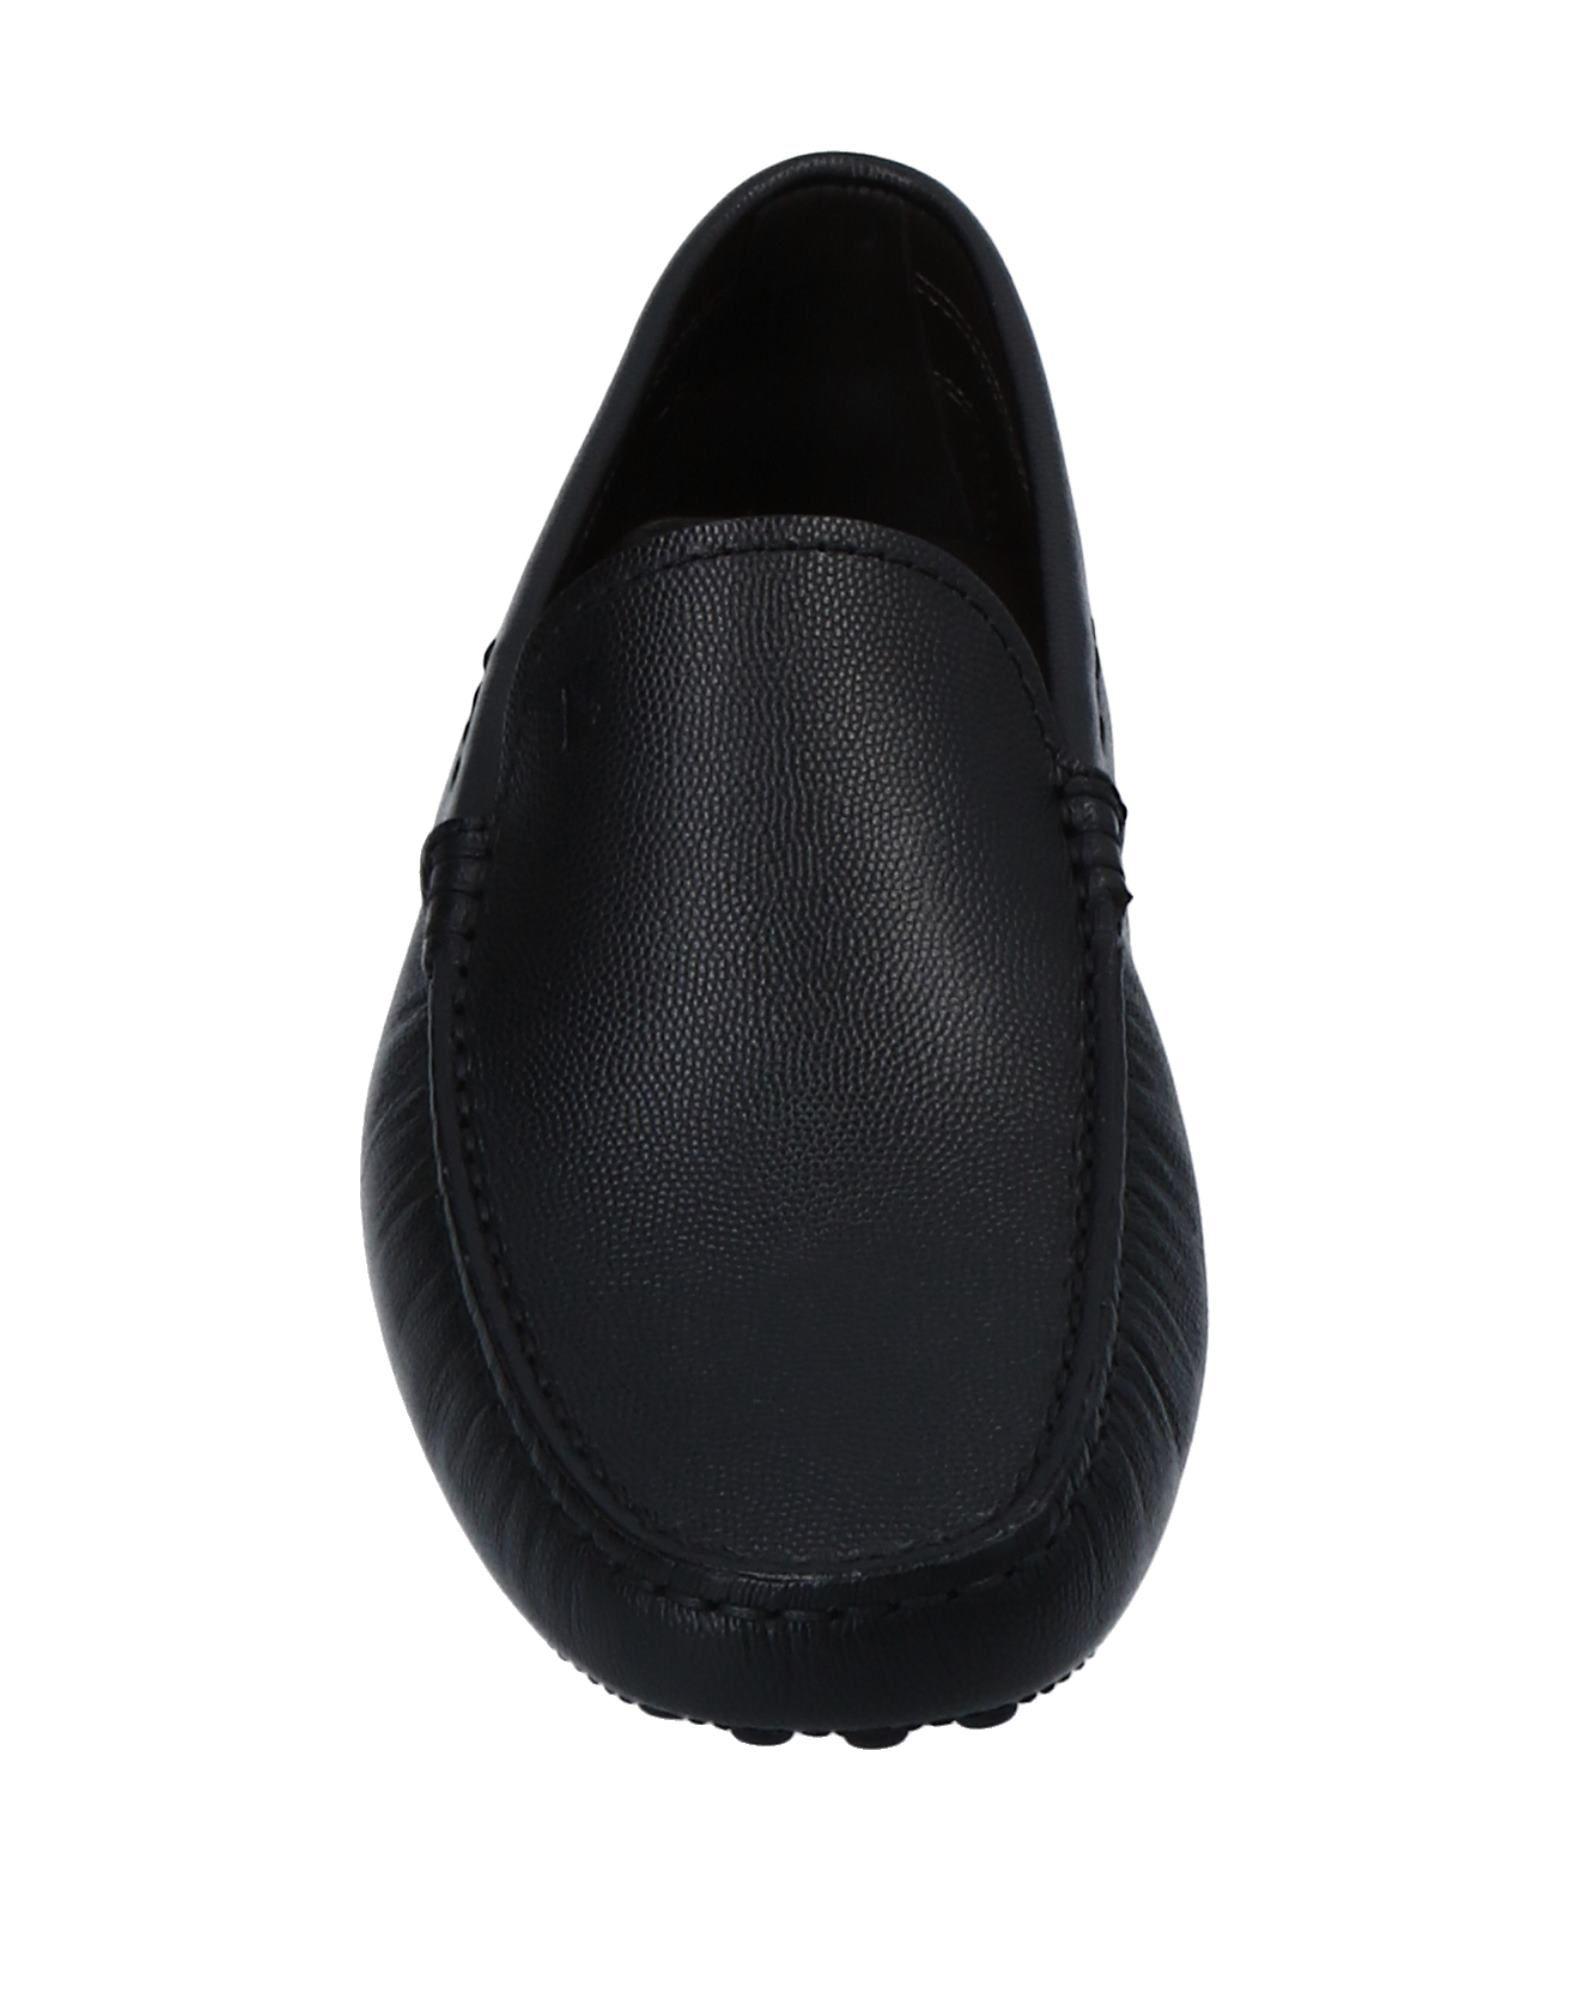 Tod's Mokassins 11548338AH Herren  11548338AH Mokassins Gute Qualität beliebte Schuhe fab860